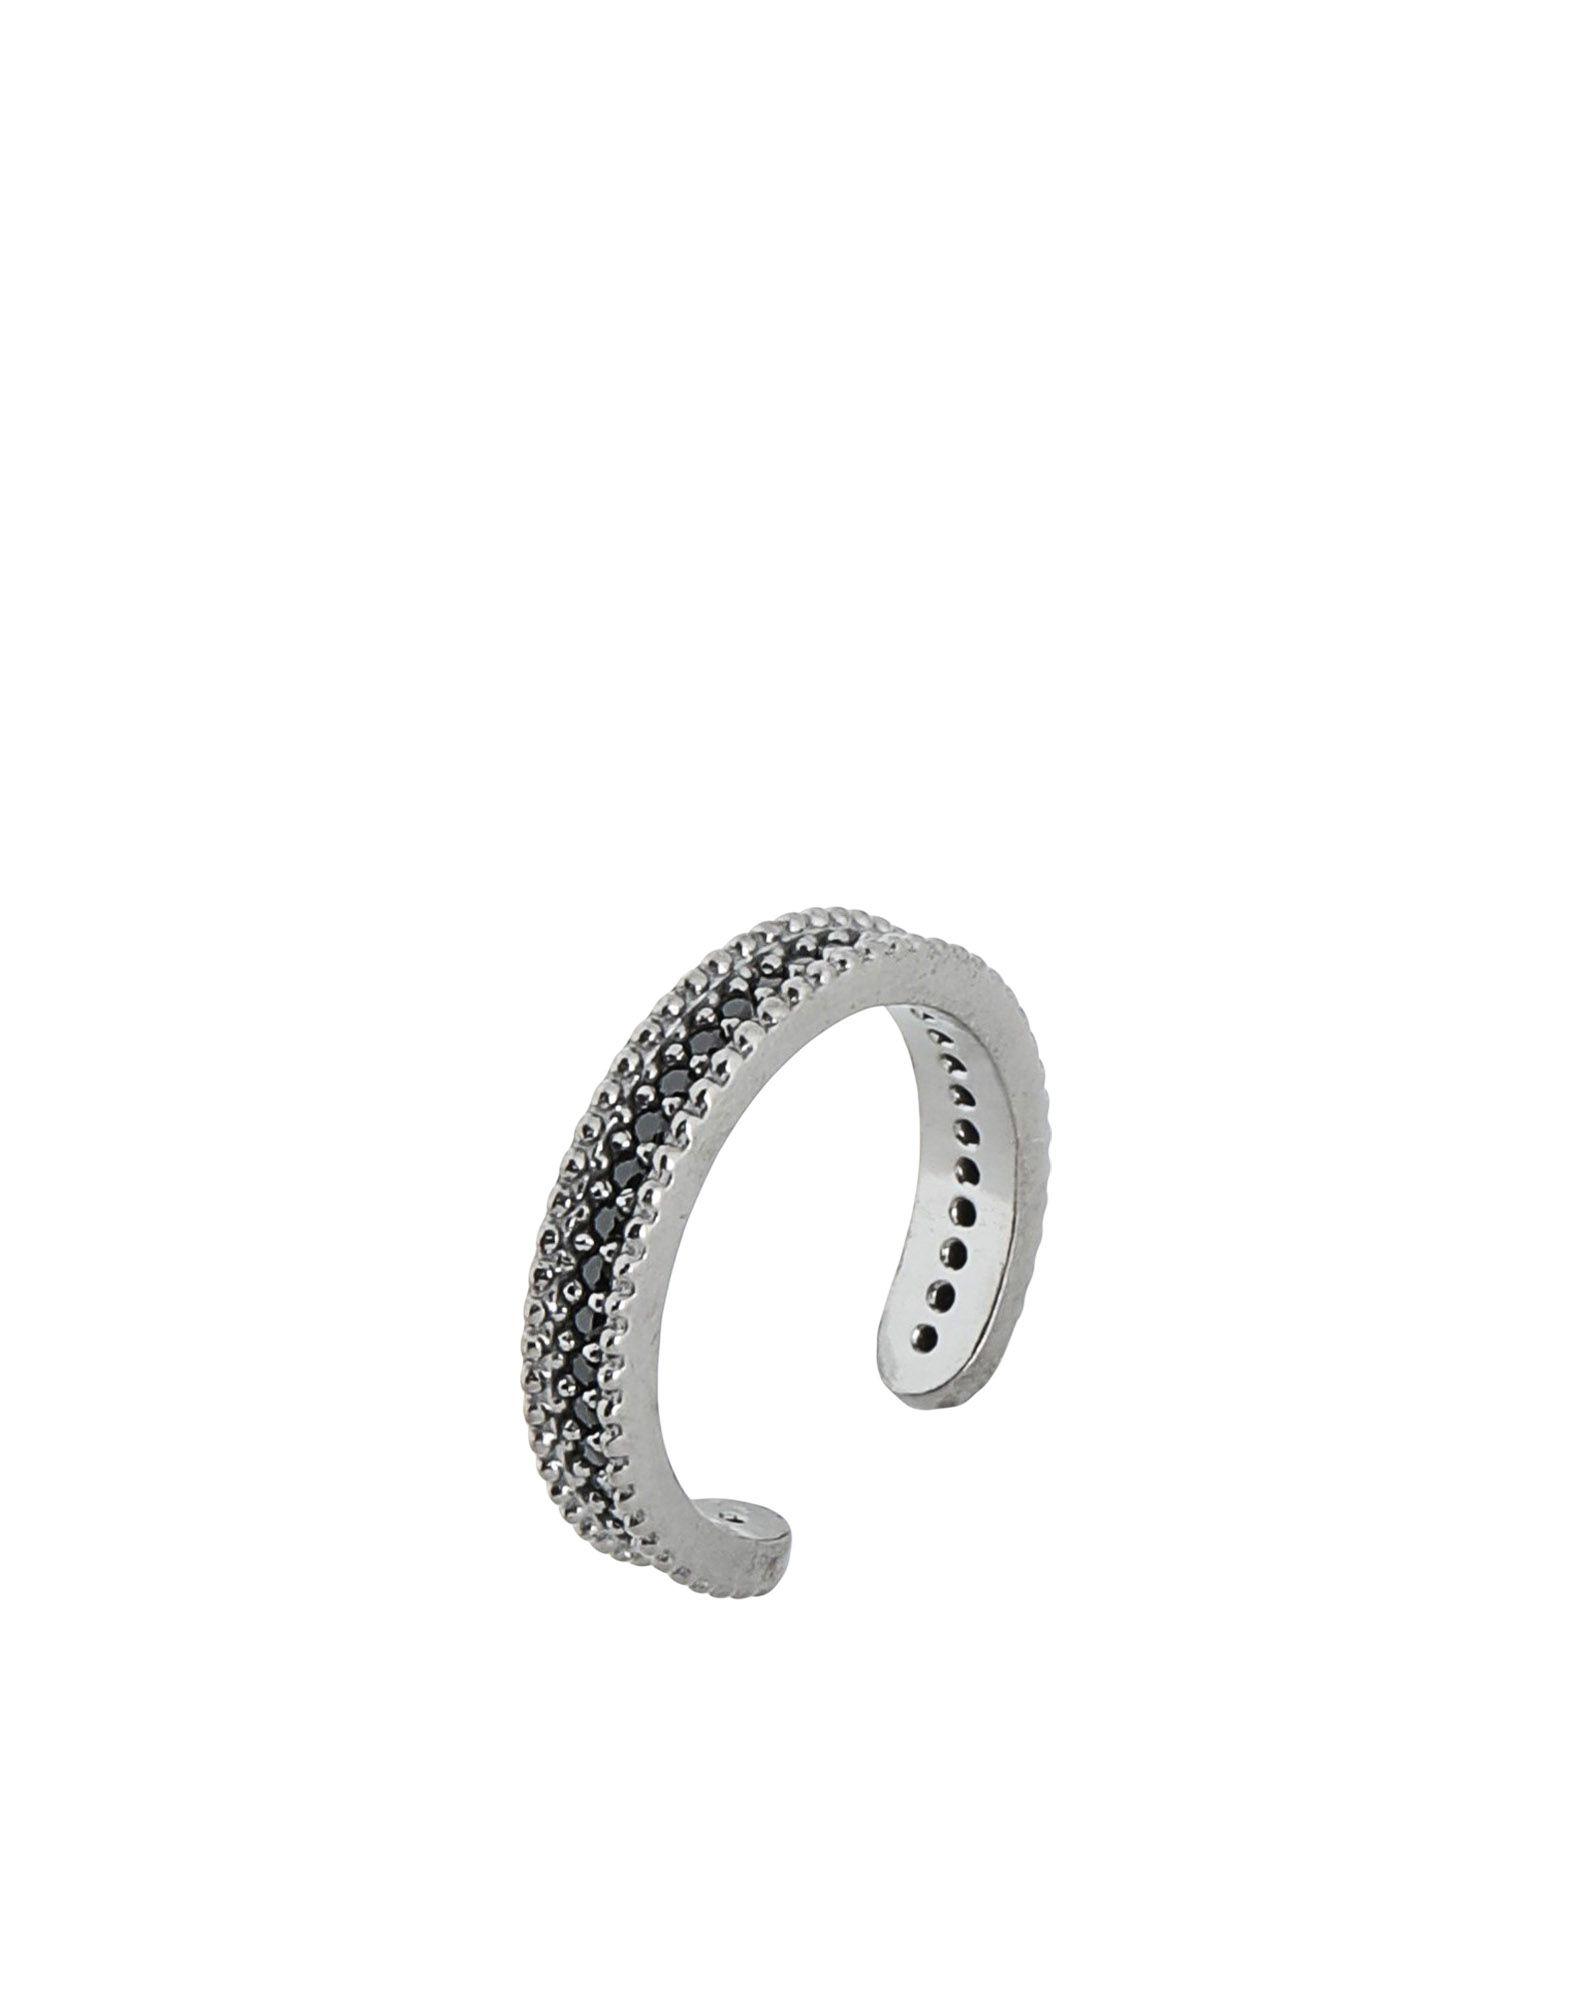 《セール開催中》FIRST PEOPLE FIRST レディース 指輪 鉛色 7 シルバー925/1000 / 18金メッキ / キュービックジルコニア Concordia Zircon Allover Ring